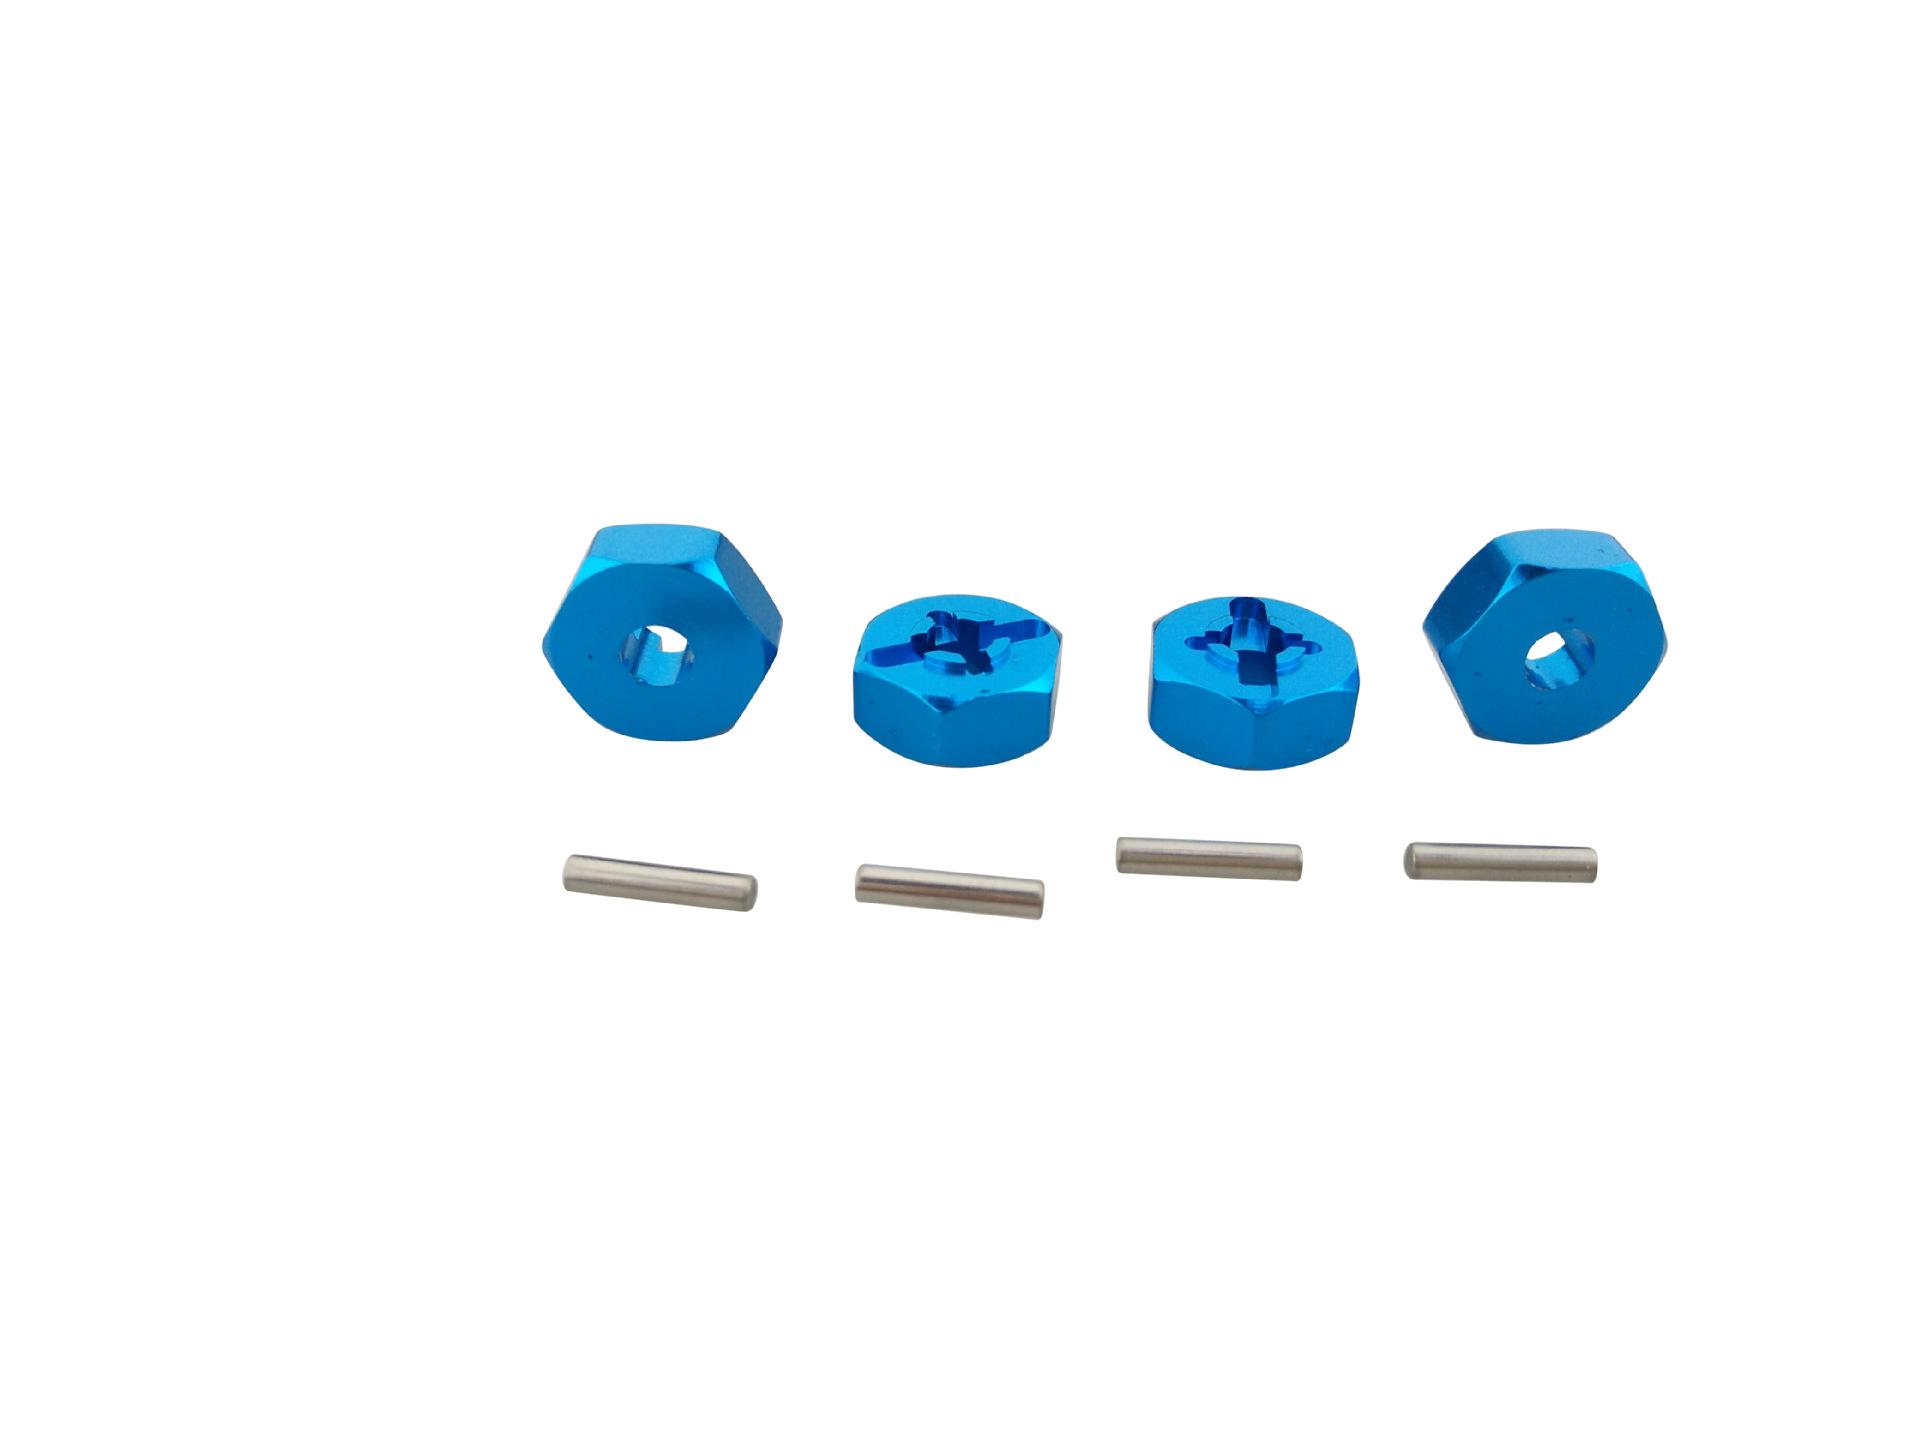 4pcs 1/18 WLtoys A949 A959 A969 A979 K929 Wheel Rim Hex 7mm Upgrade Aluminum Alloy Adapter for 1/10 Tires blue